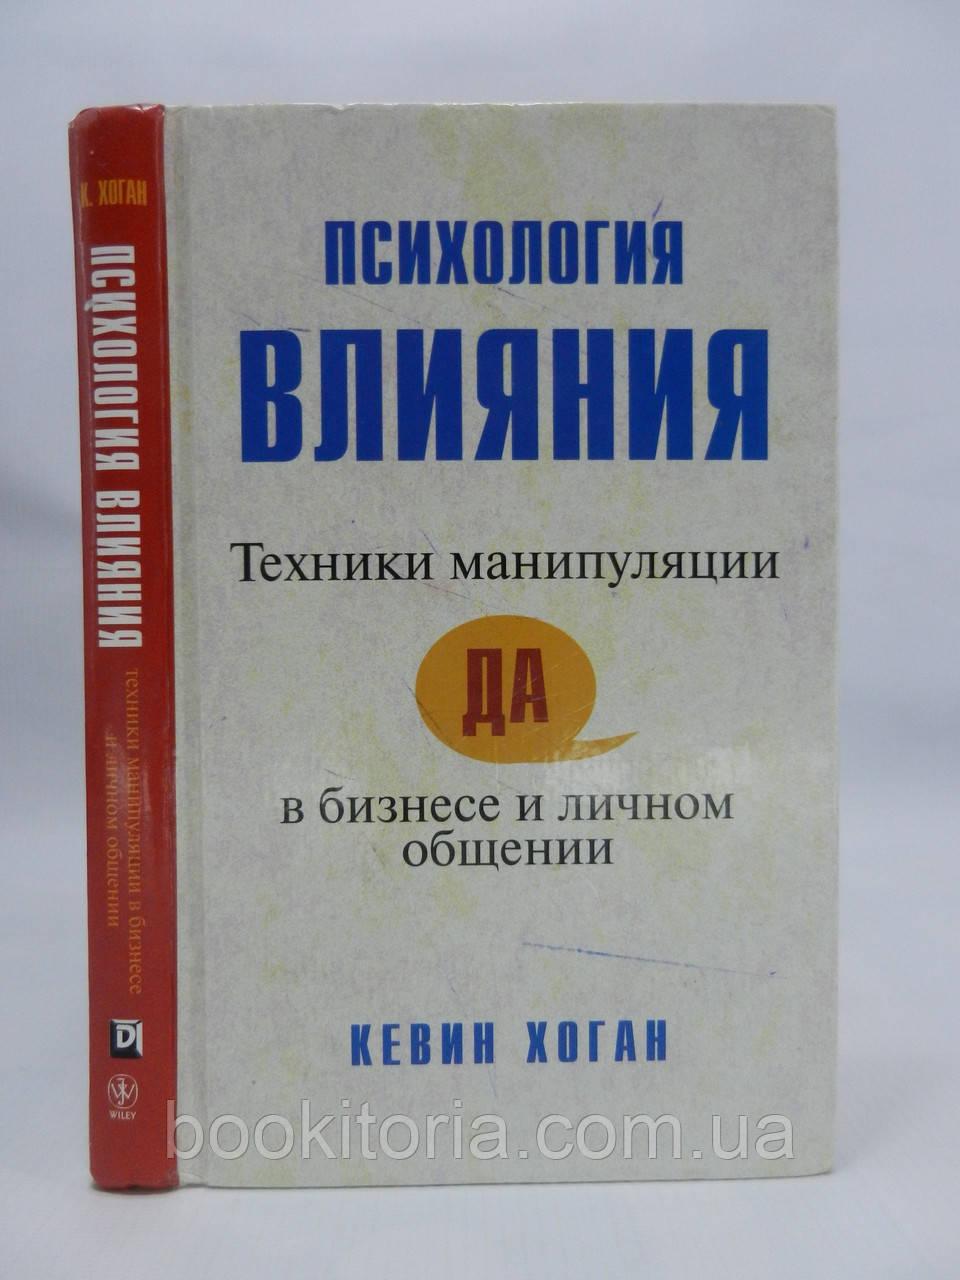 Хоган К. Психология влияния: техники манипуляции в бизнесе и личном общении (б/у).